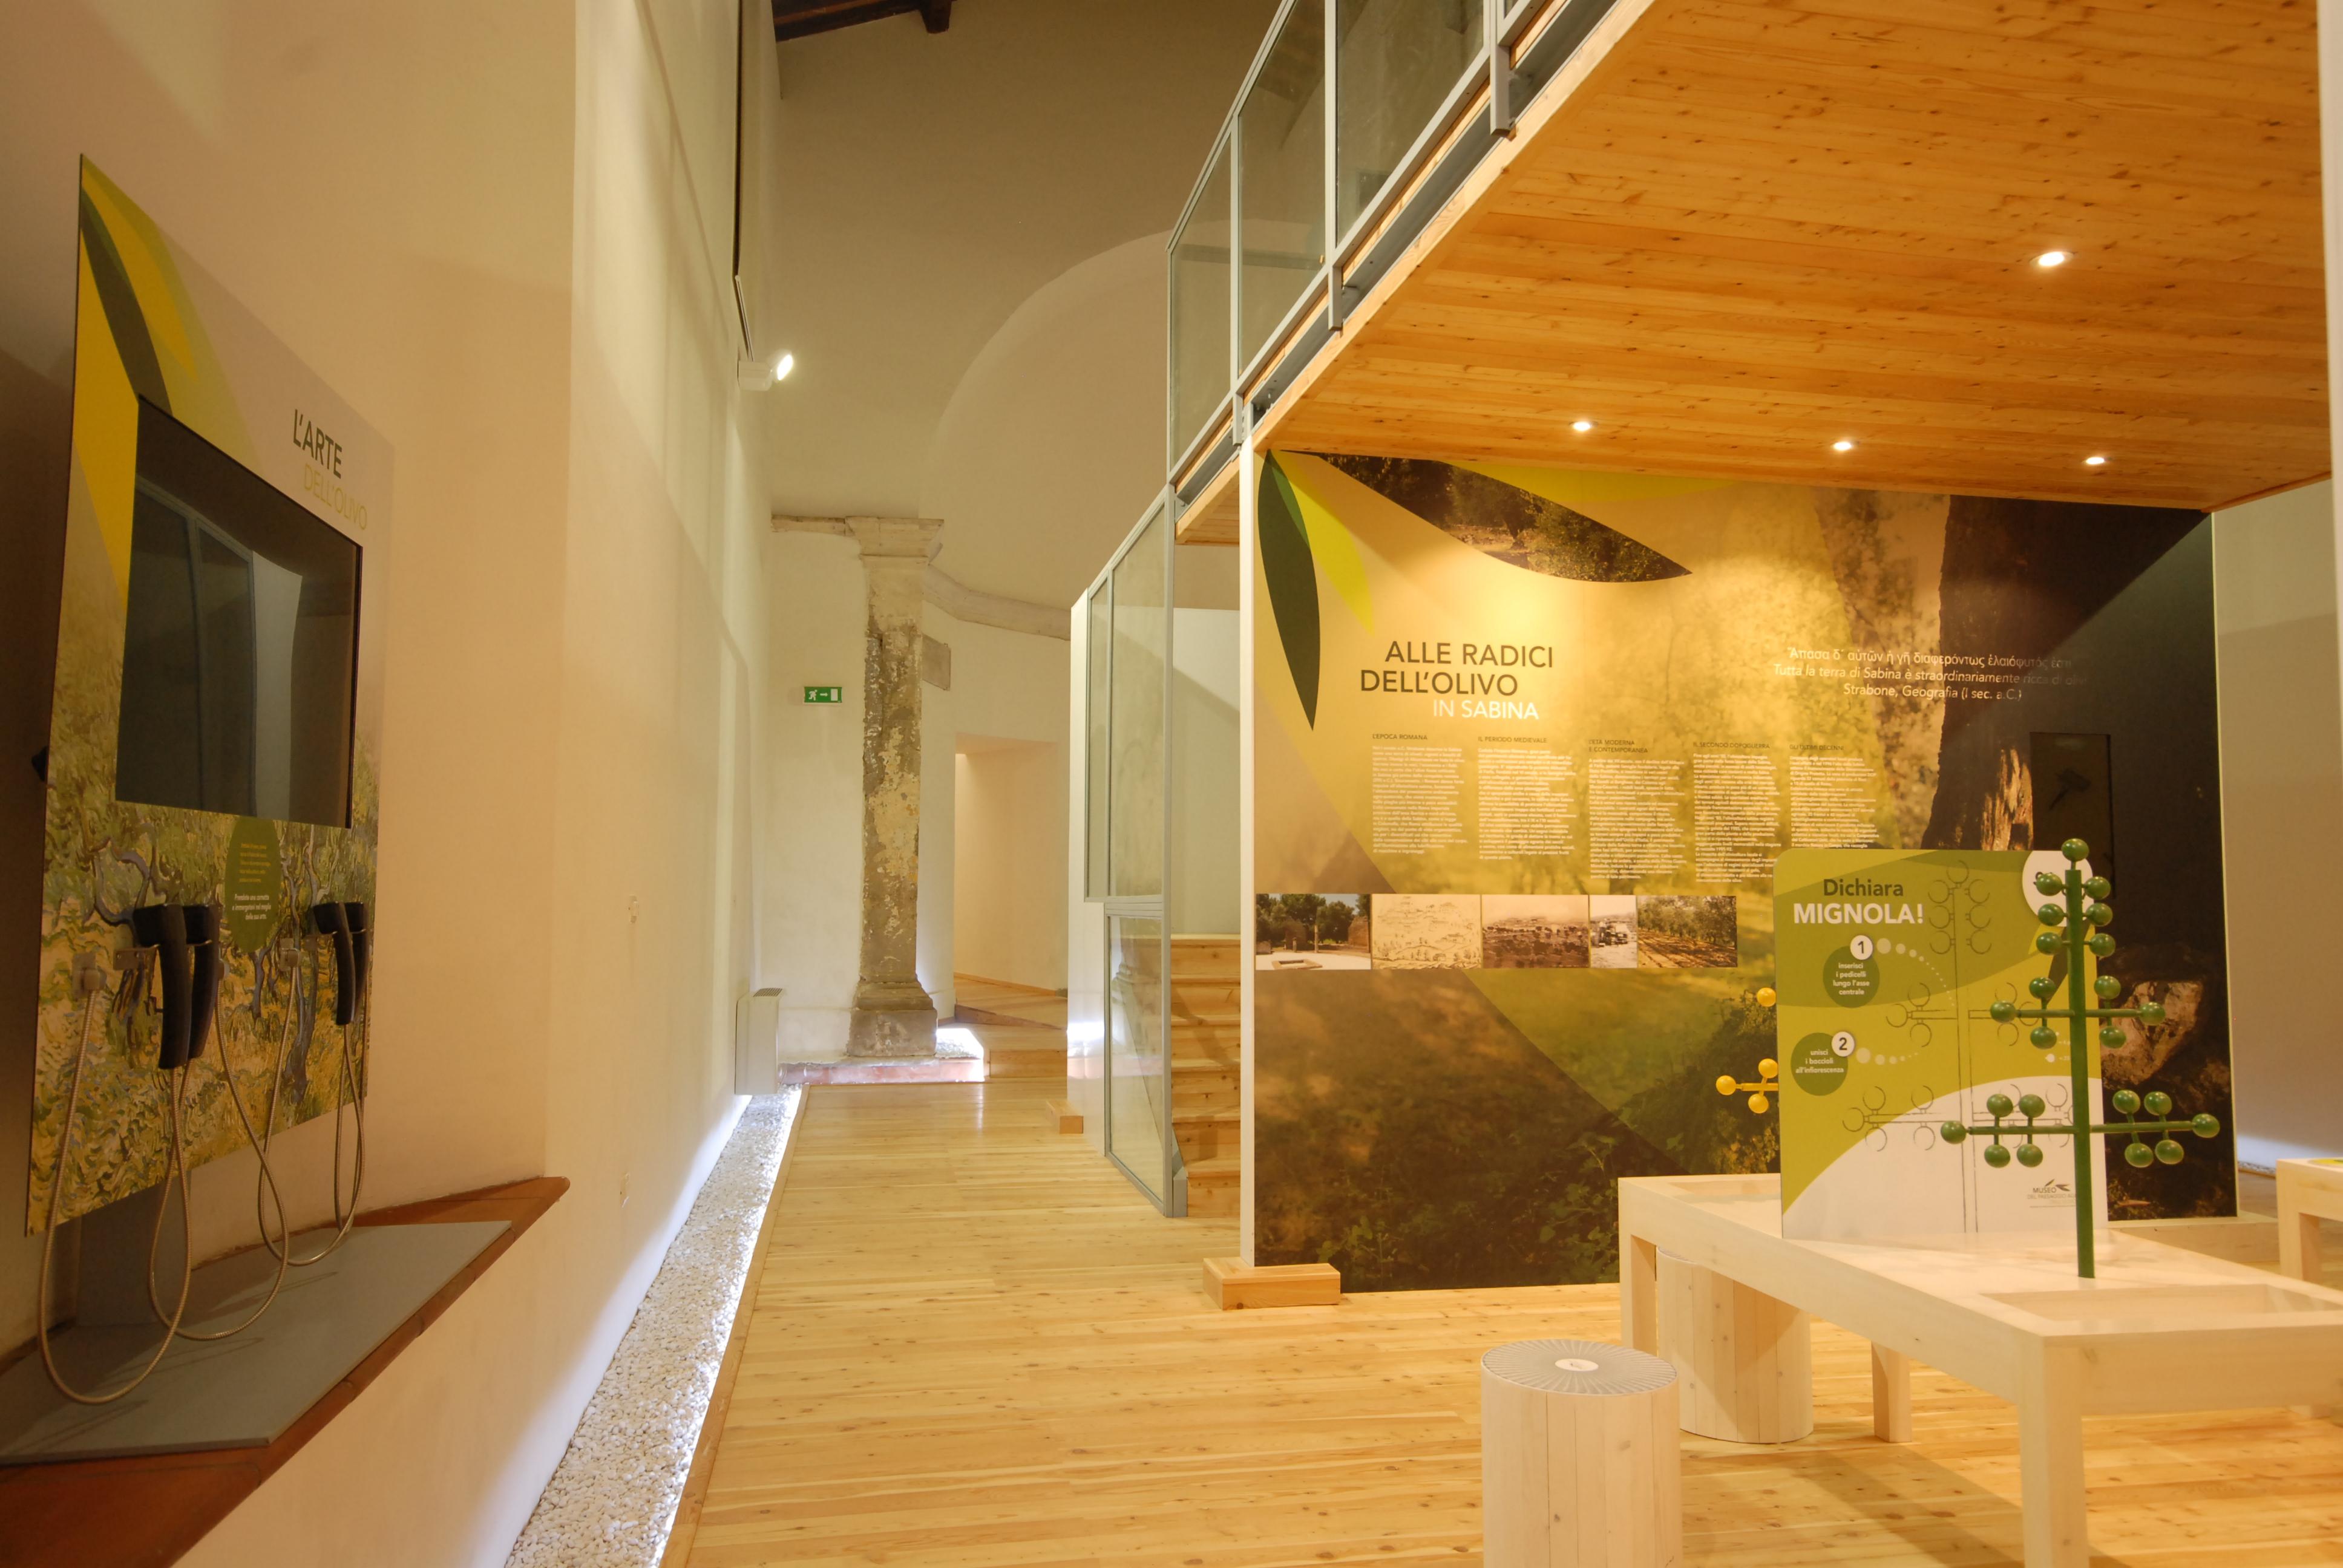 A Moricone il museo del Paesaggio agrario e dell'ulivo. Domani pomeriggio l'inaugurazione dello spazio espositivo multimediale all'interno di una ex chiesa